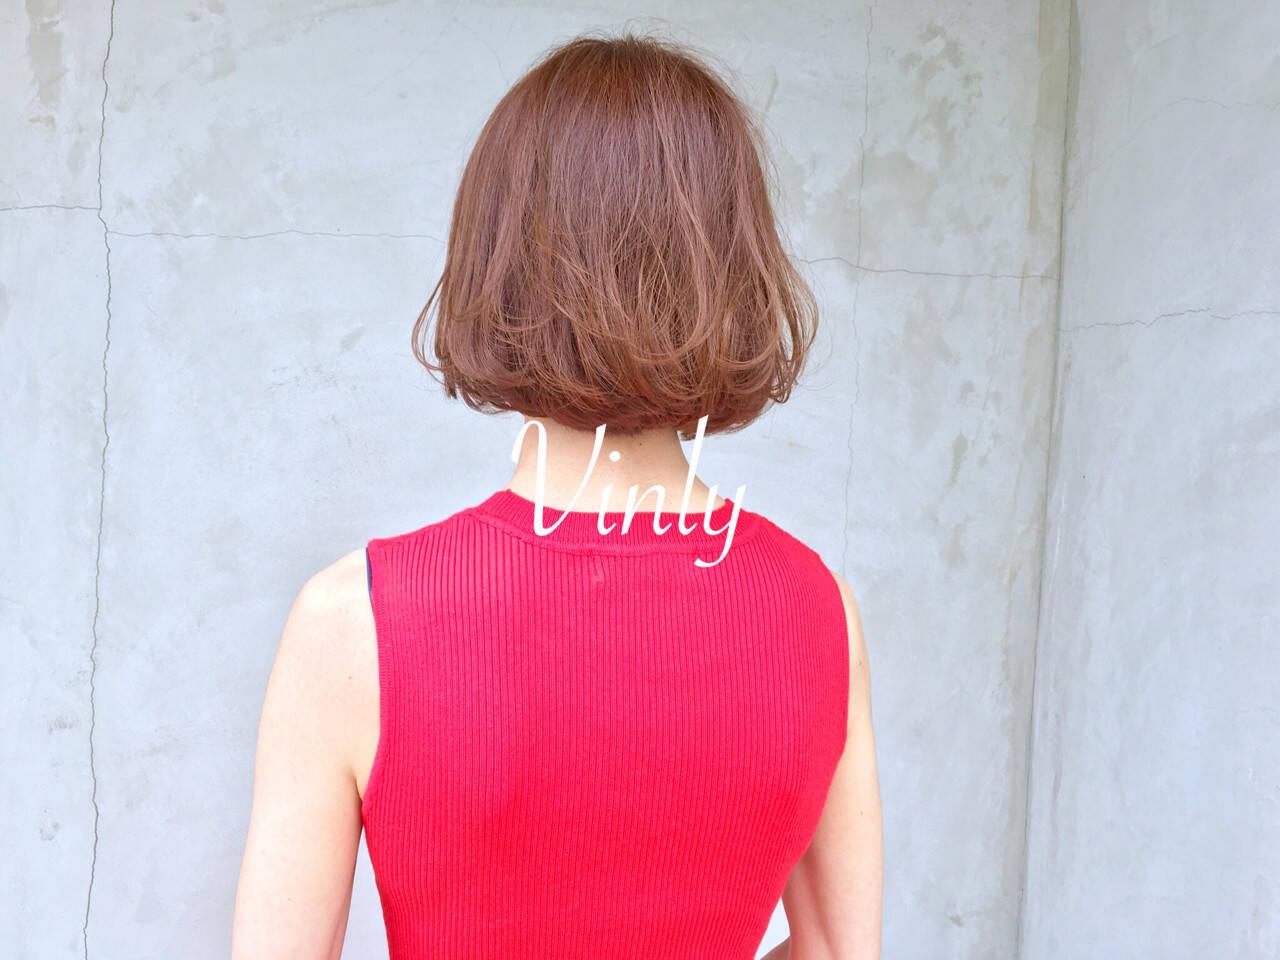 簡単ヘアアレンジ ヘアアレンジ ボブ オフィスヘアスタイルや髪型の写真・画像